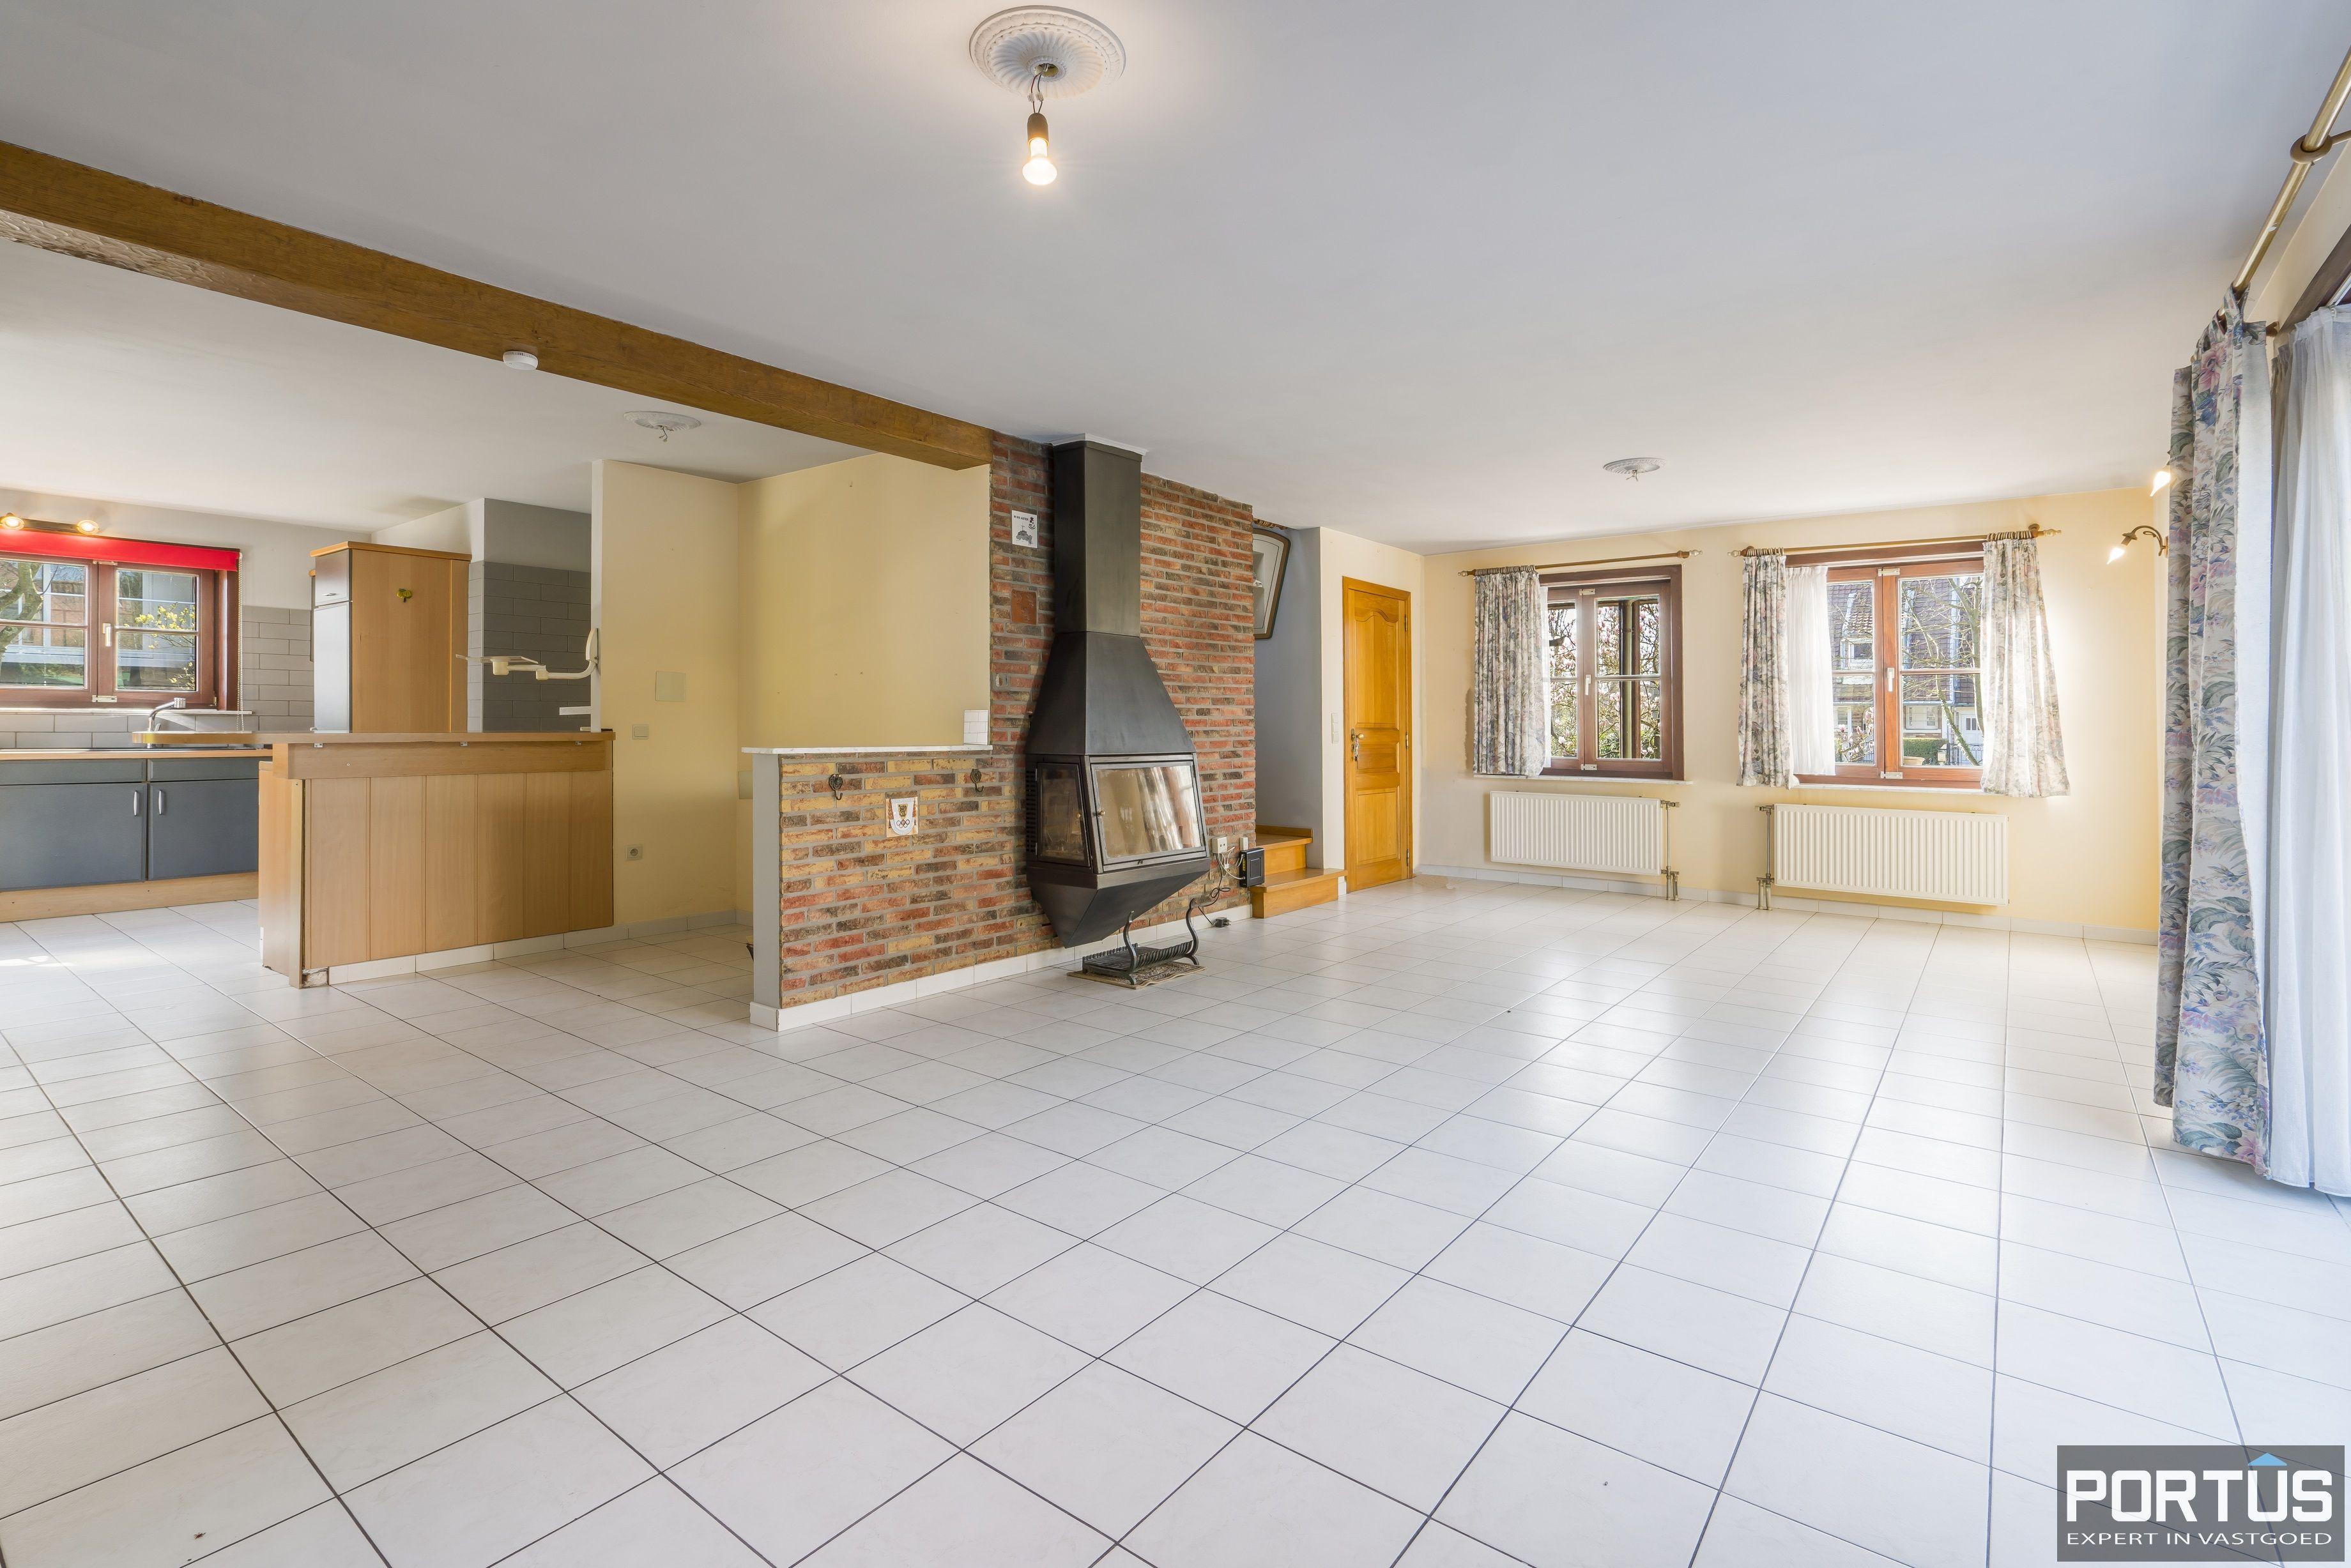 Villa te koop met 3 slaapkamers te Nieuwpoort - 14013